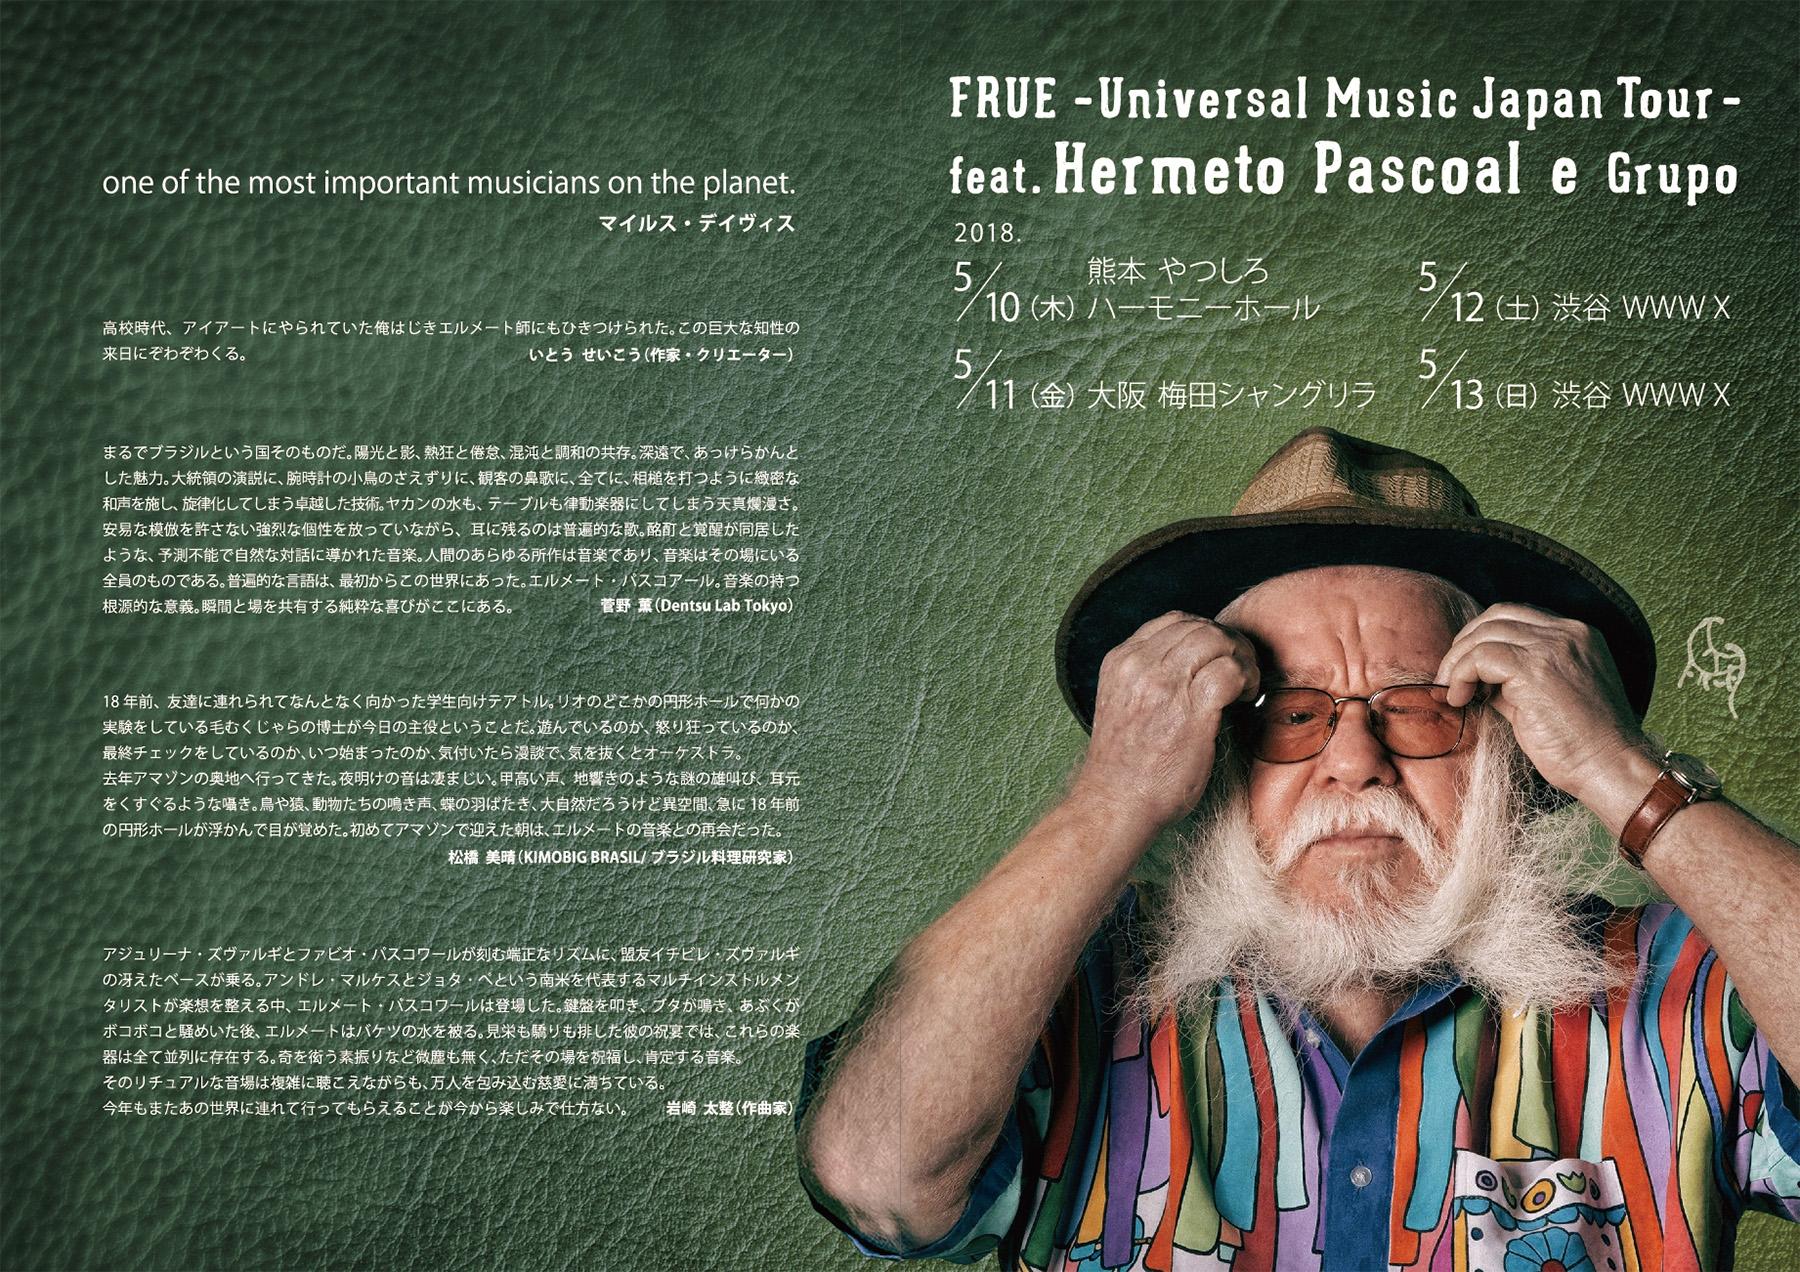 熊本、大阪、東京を巡るエルメート・パスコアール日本ツアー「FRUE ~Universal Music